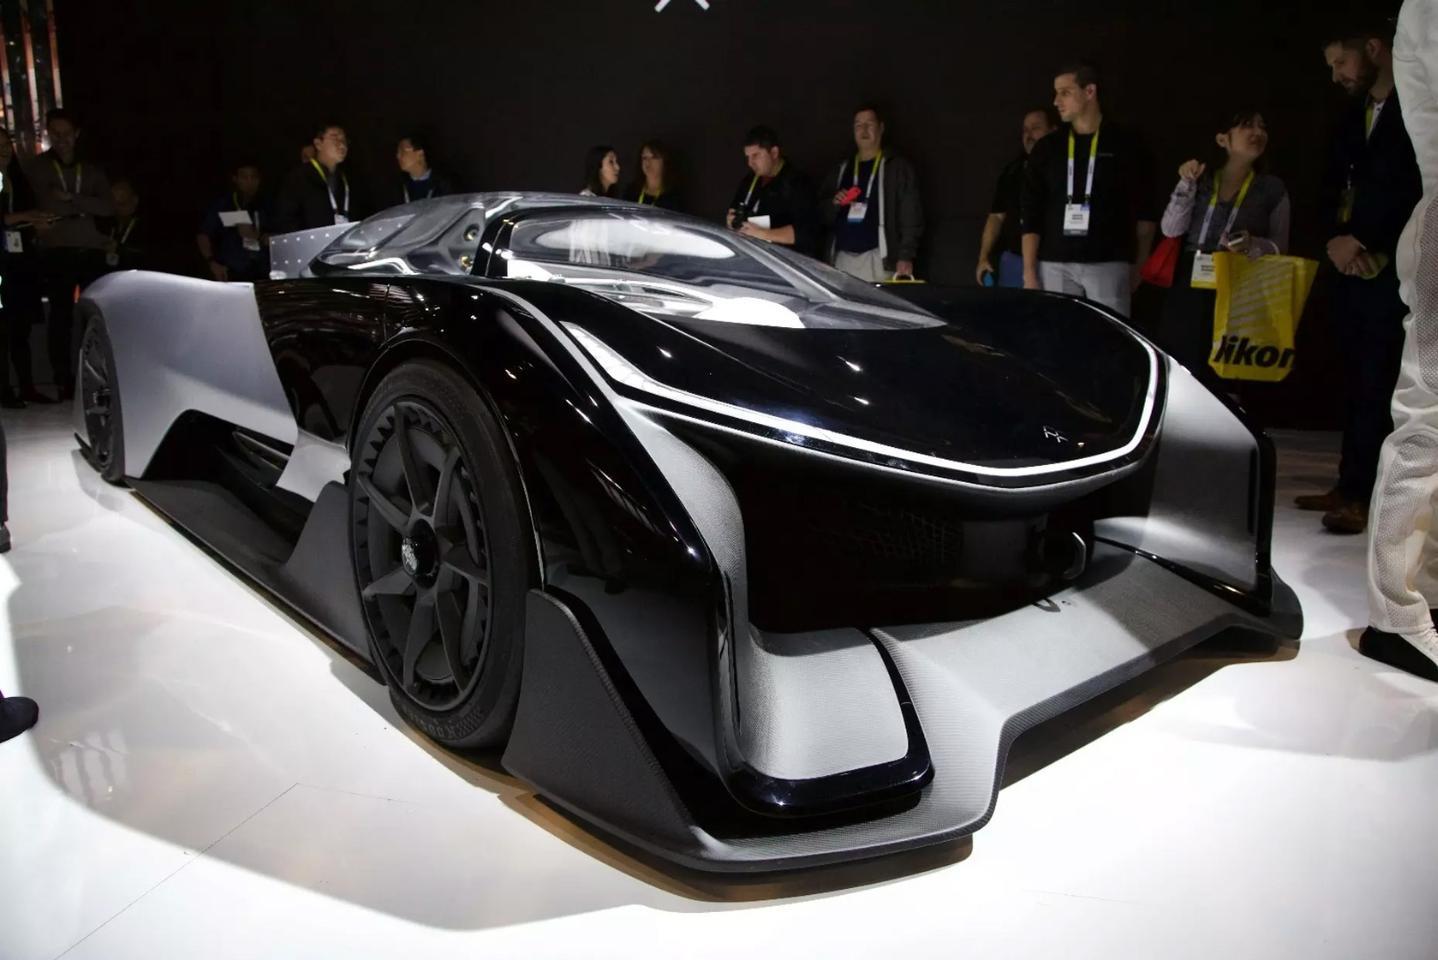 FFZERO1 Concept vehicle